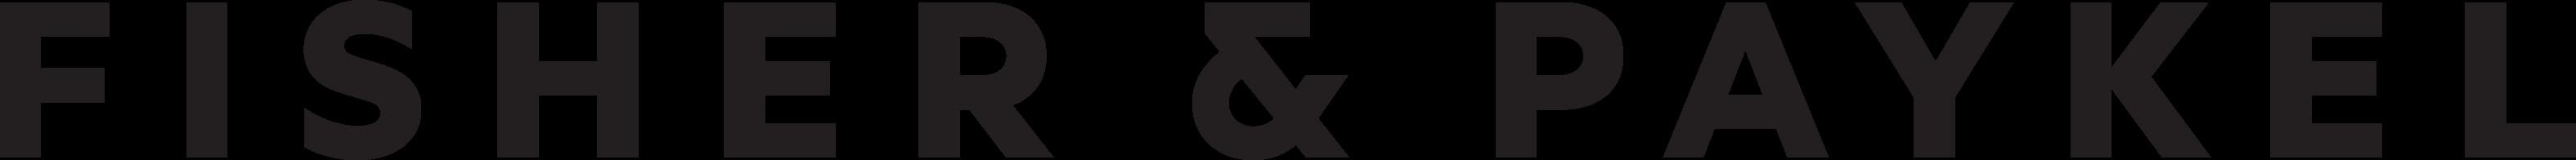 2017_Fisher&Paykel logo_black